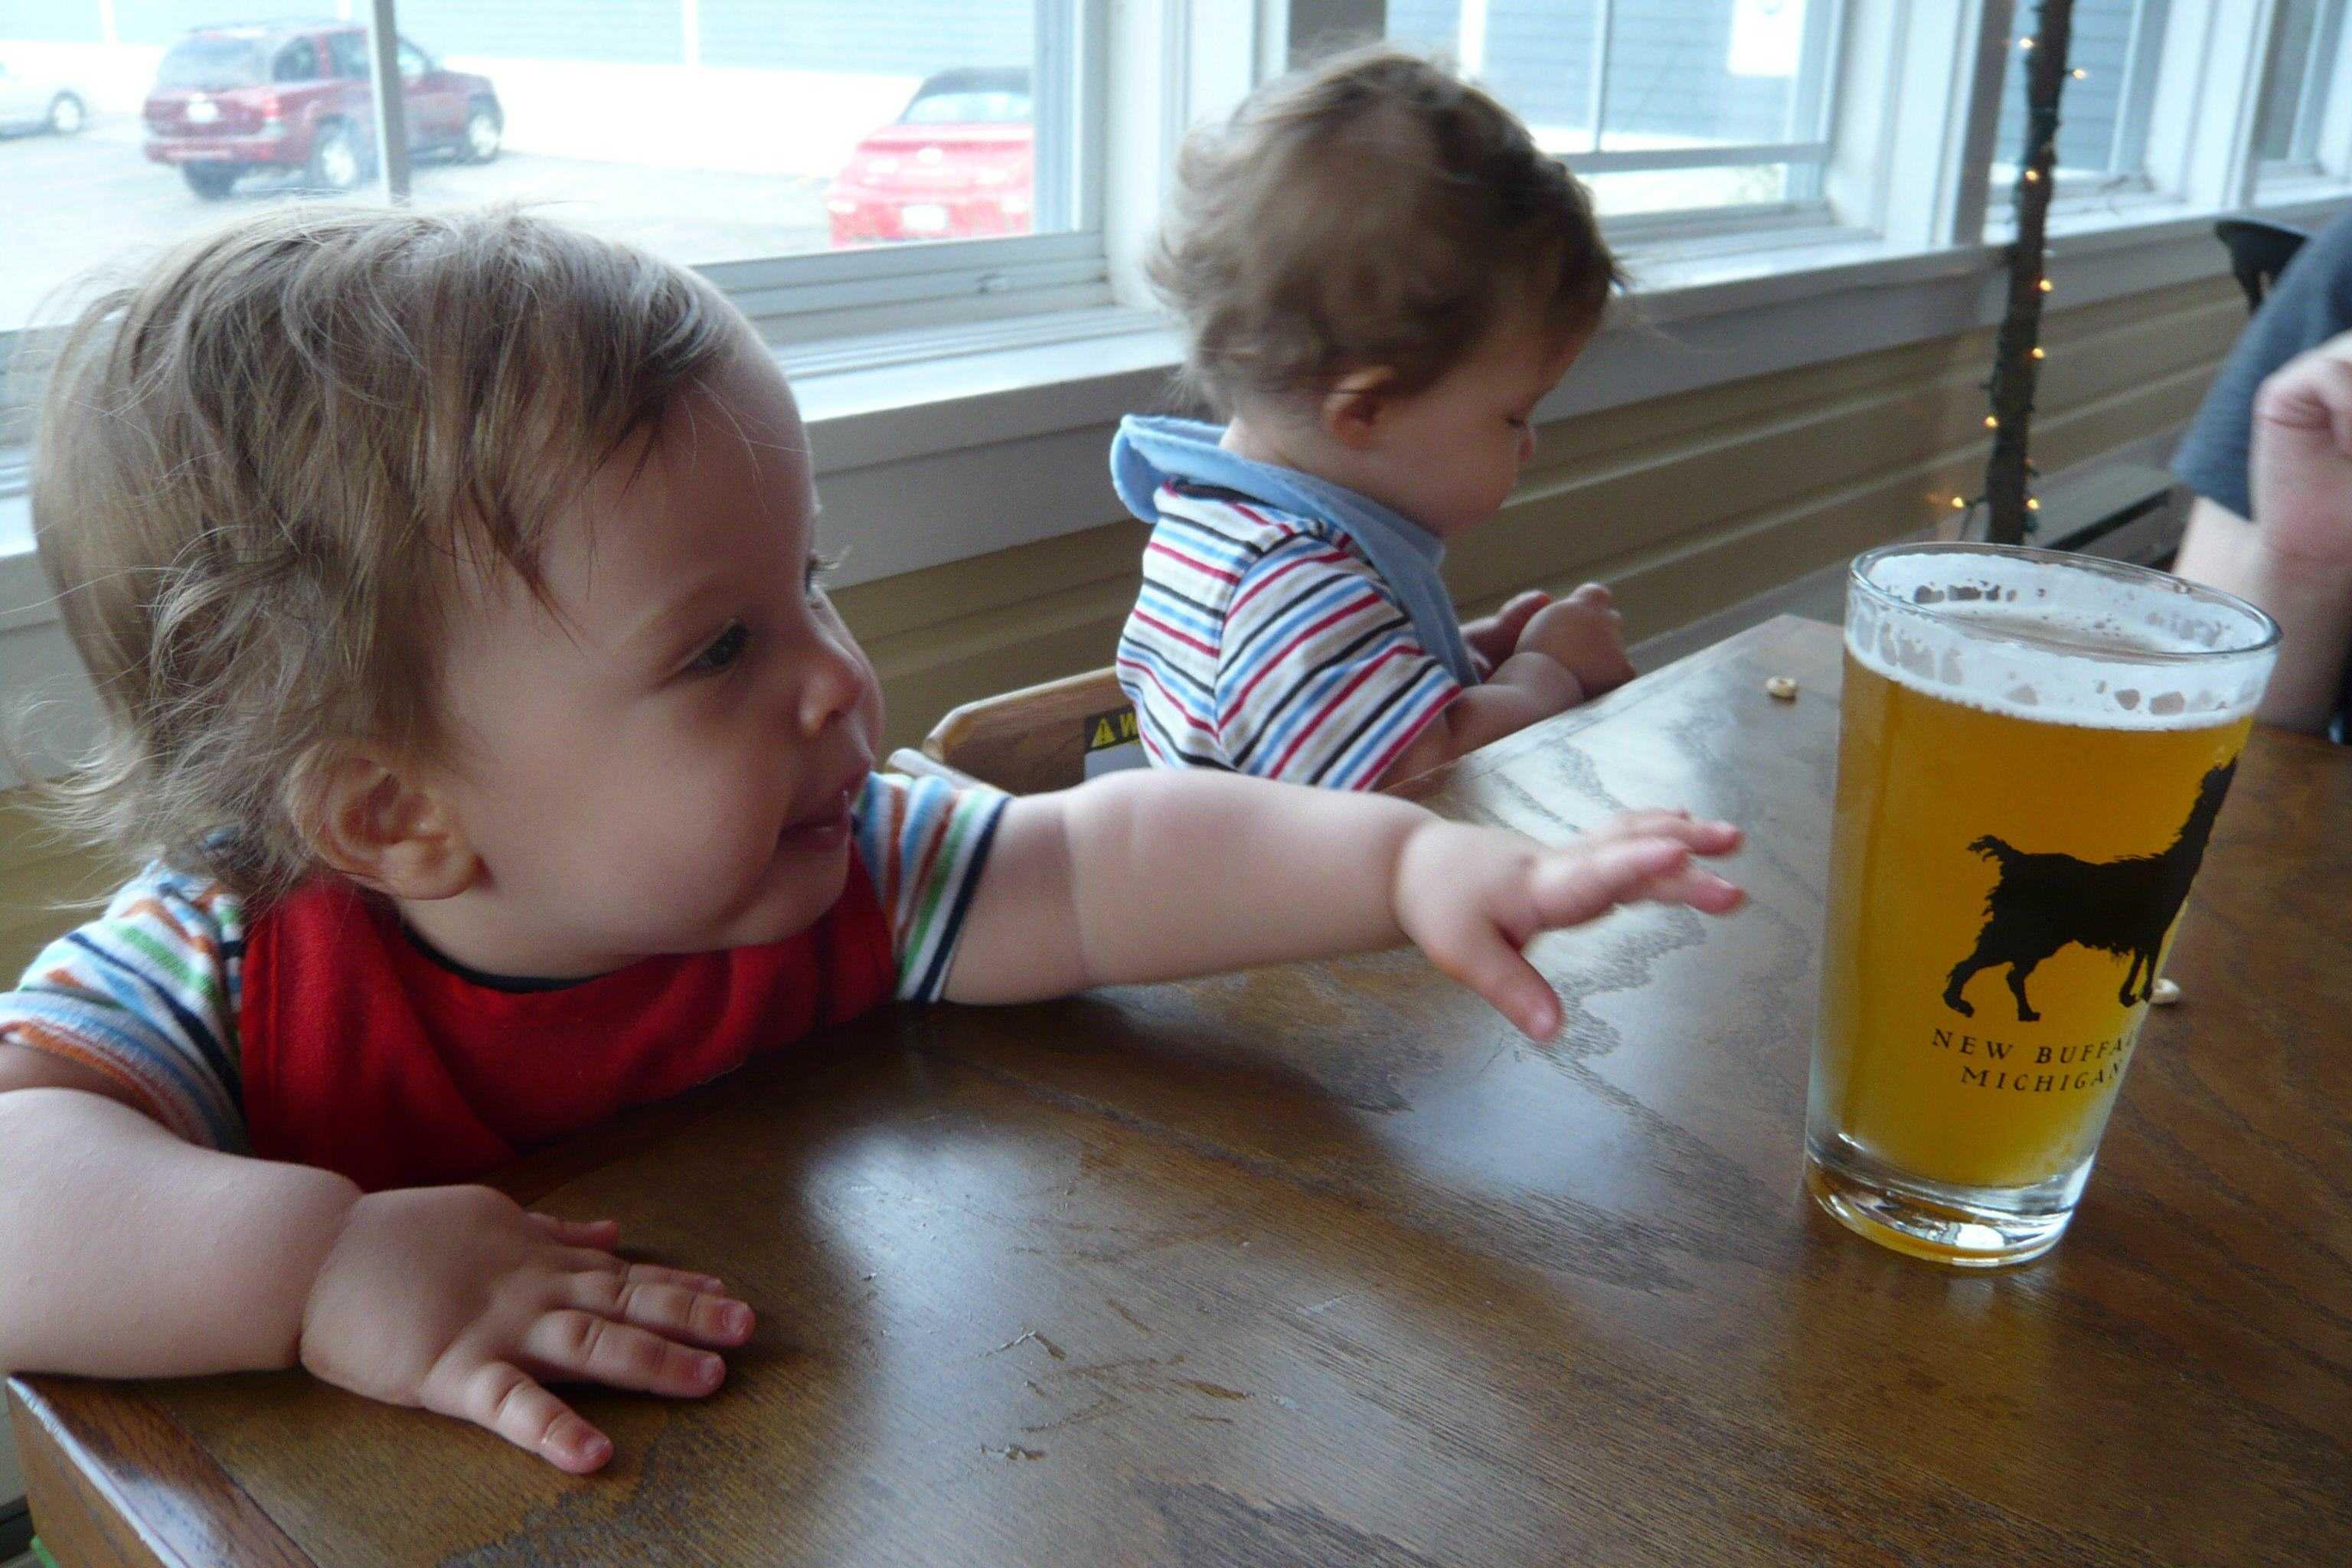 dziecko sięgające po piwo w kuflu